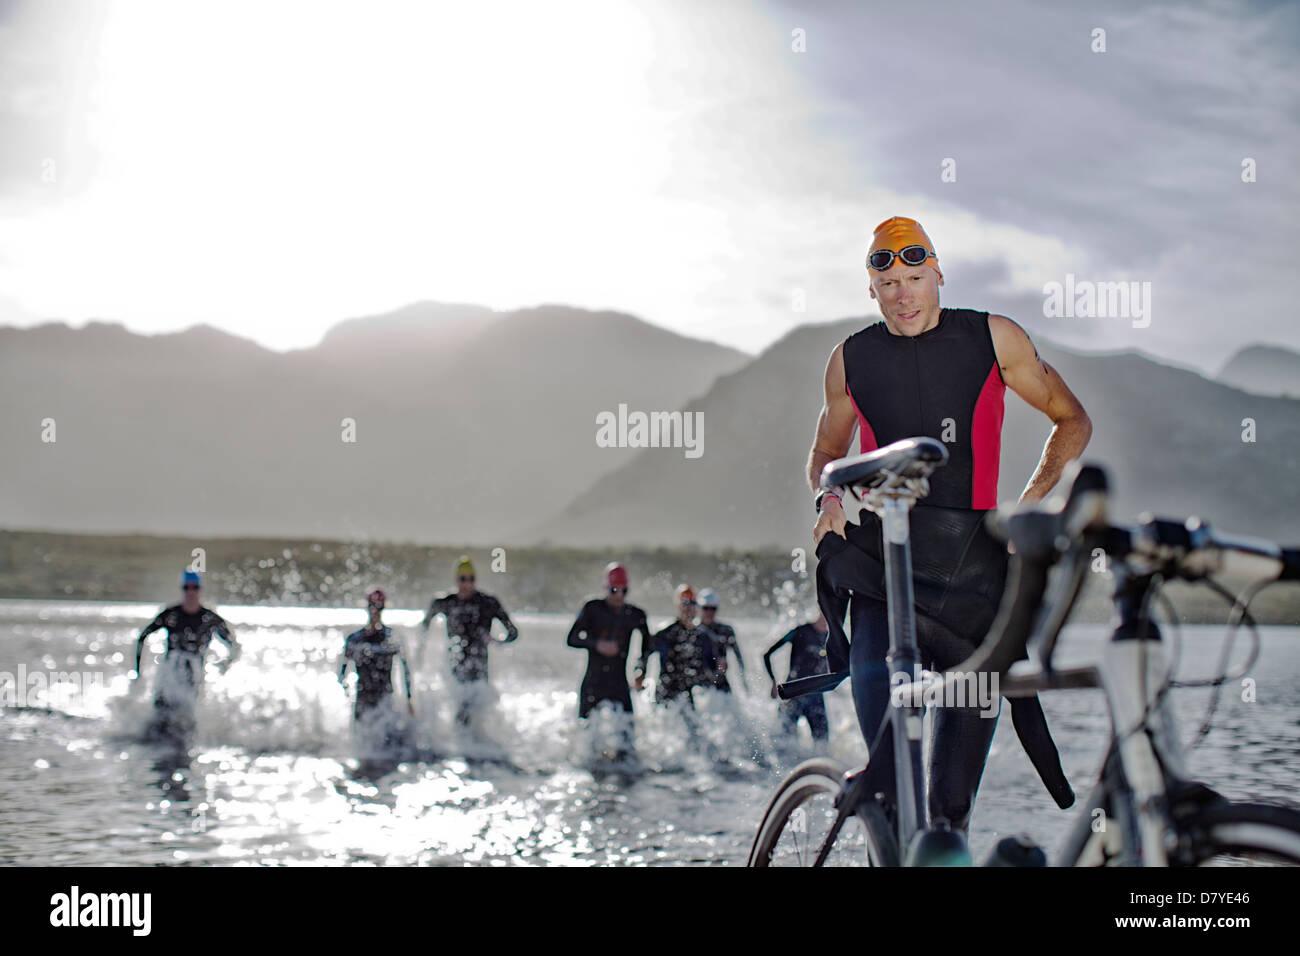 Triatleti emergenti dall'acqua Immagini Stock